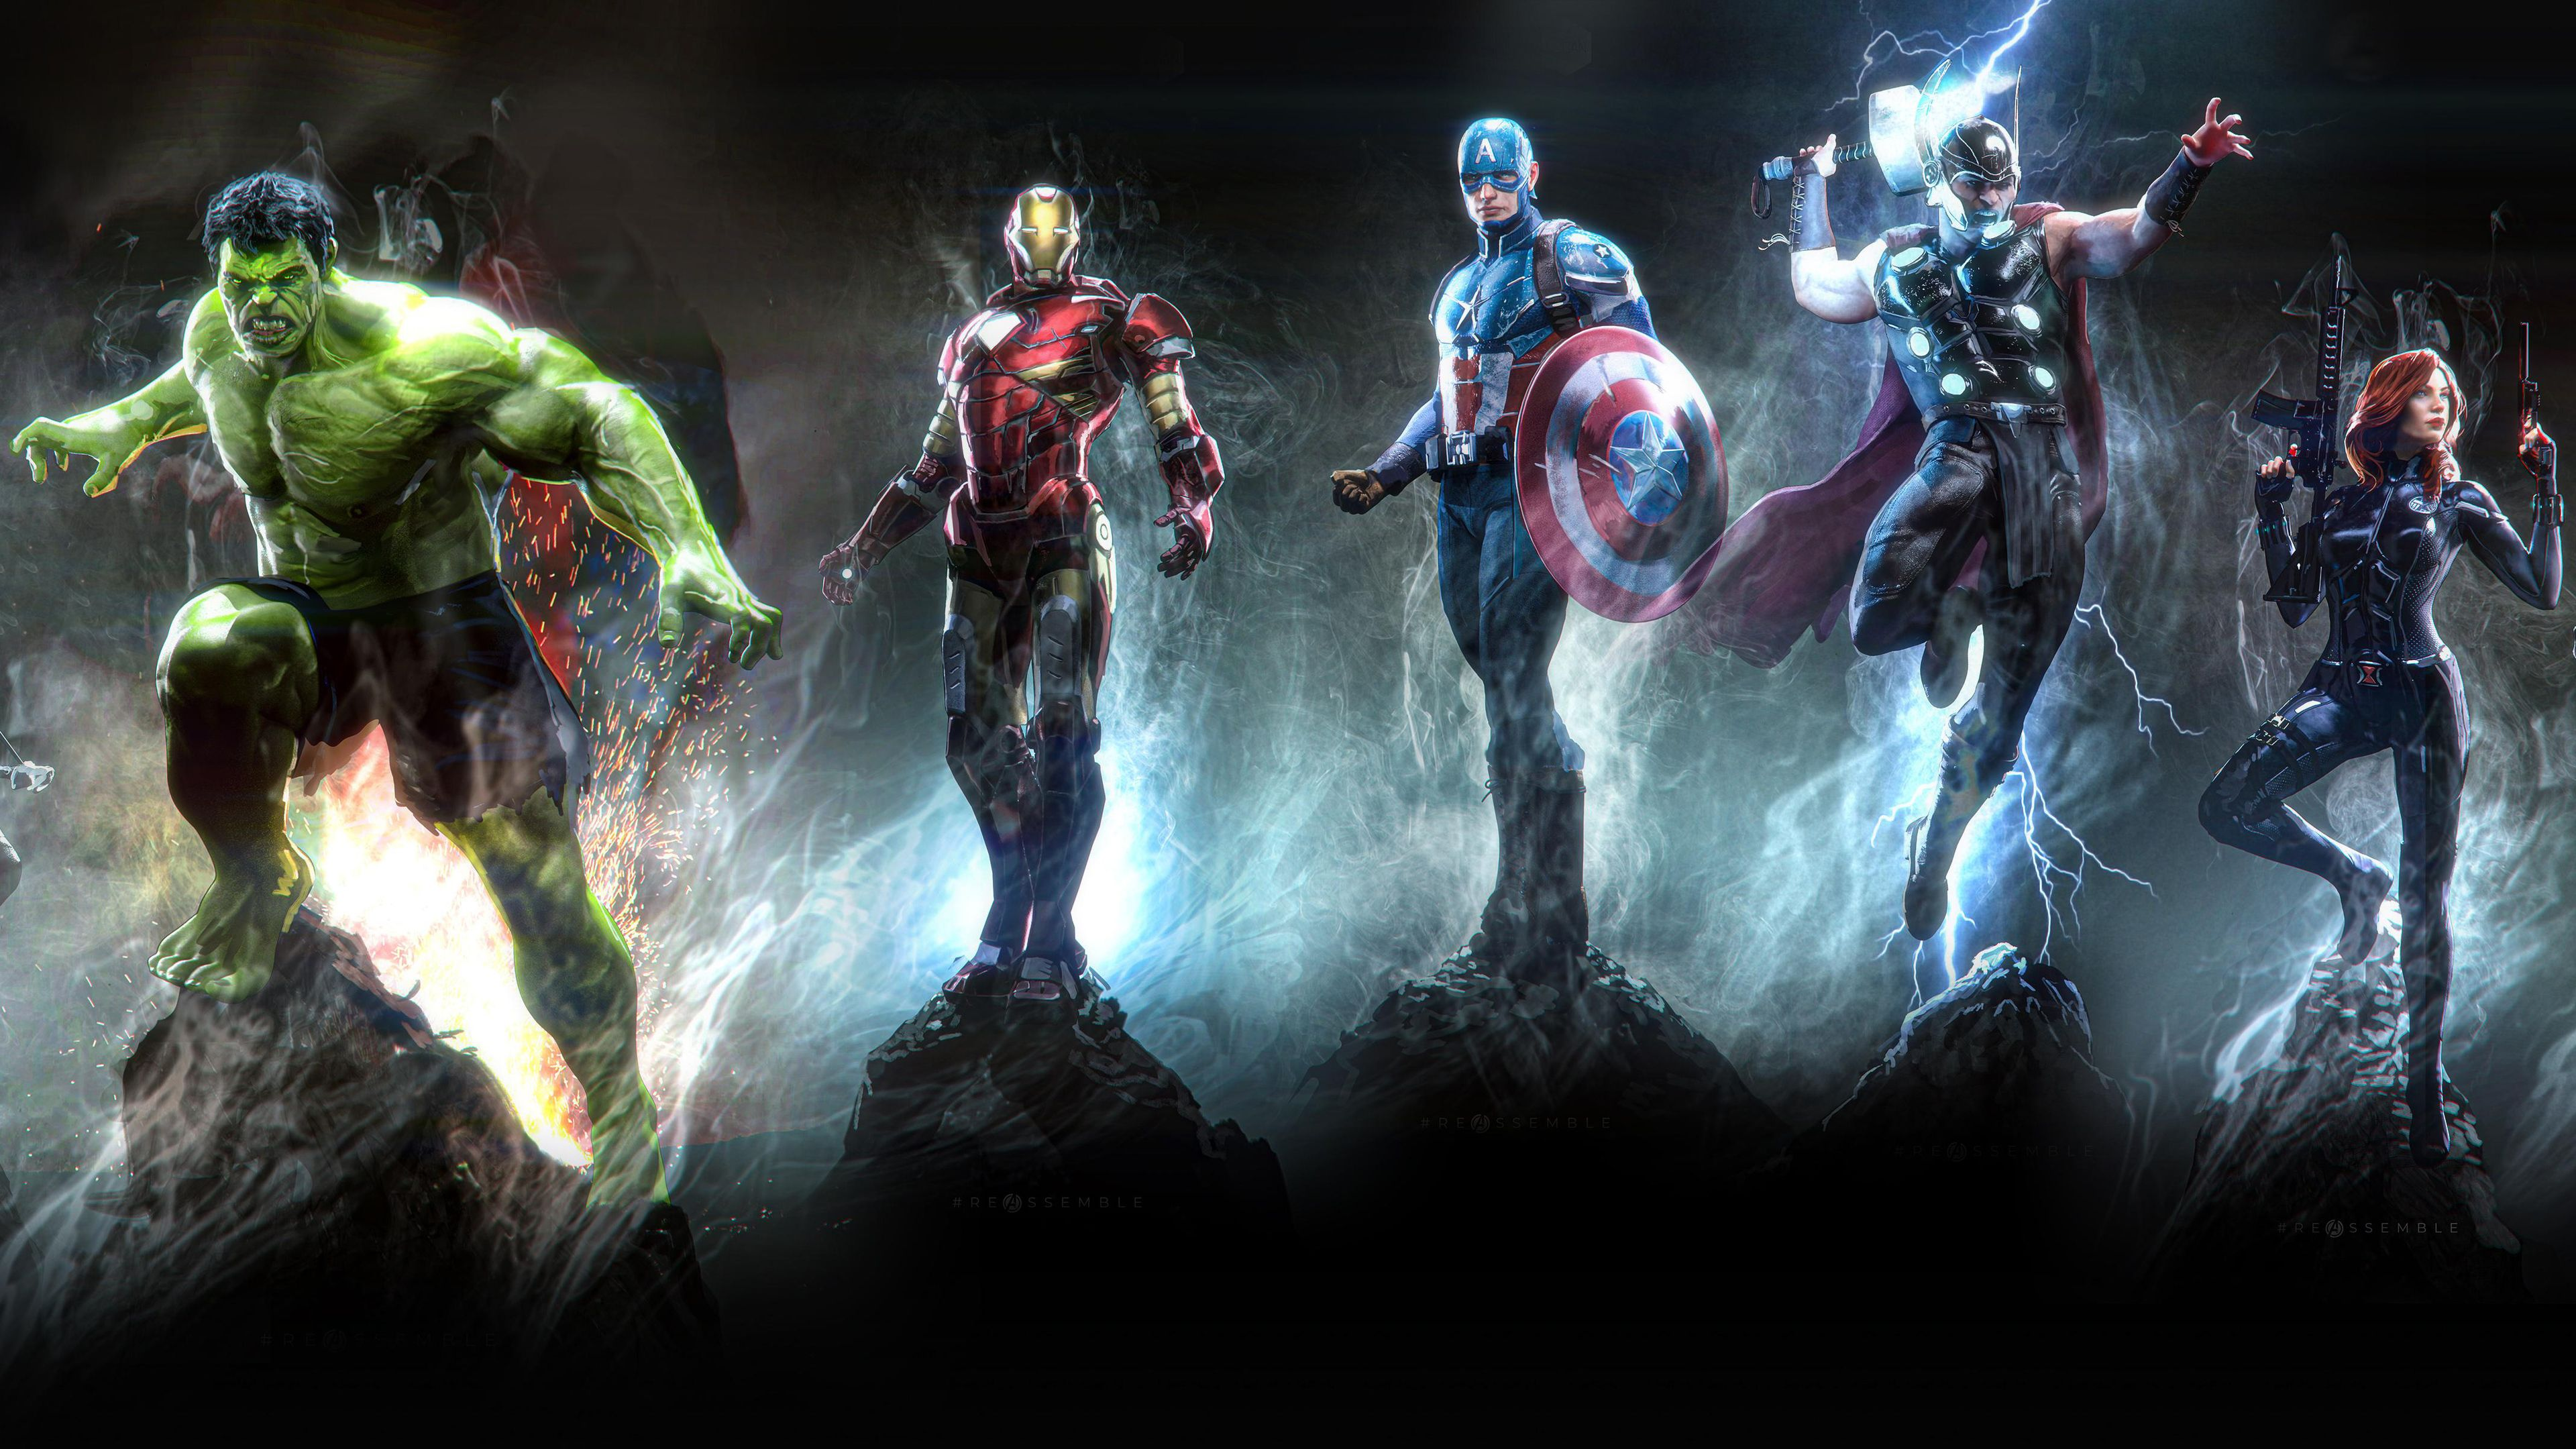 Wallpaper 4k Avengers